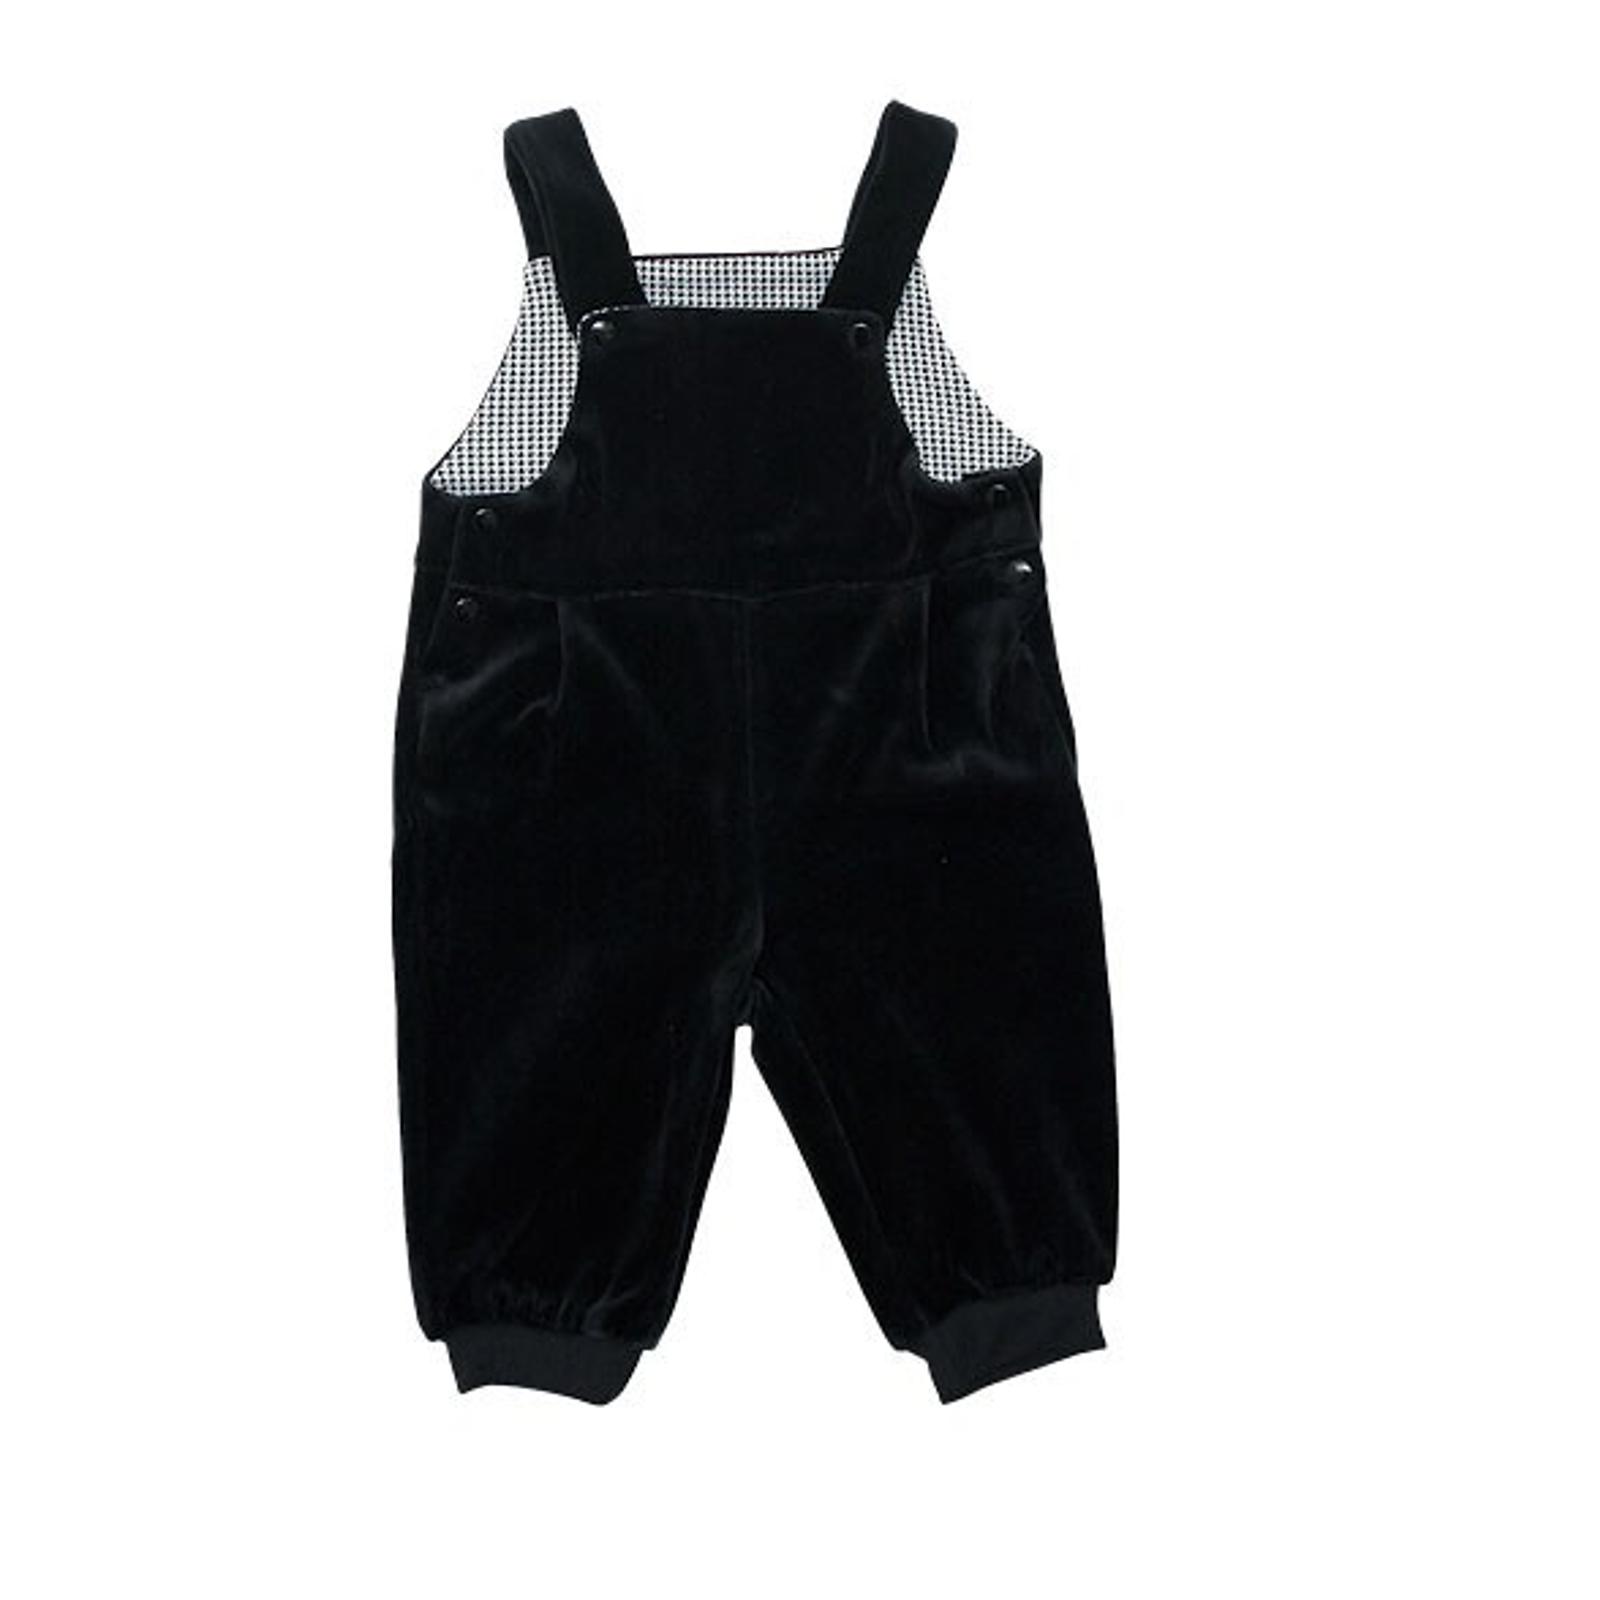 Полукомбинезон велюровый Soni Kids Cони Кидс Денди для мальчика, цвет черный размер 74